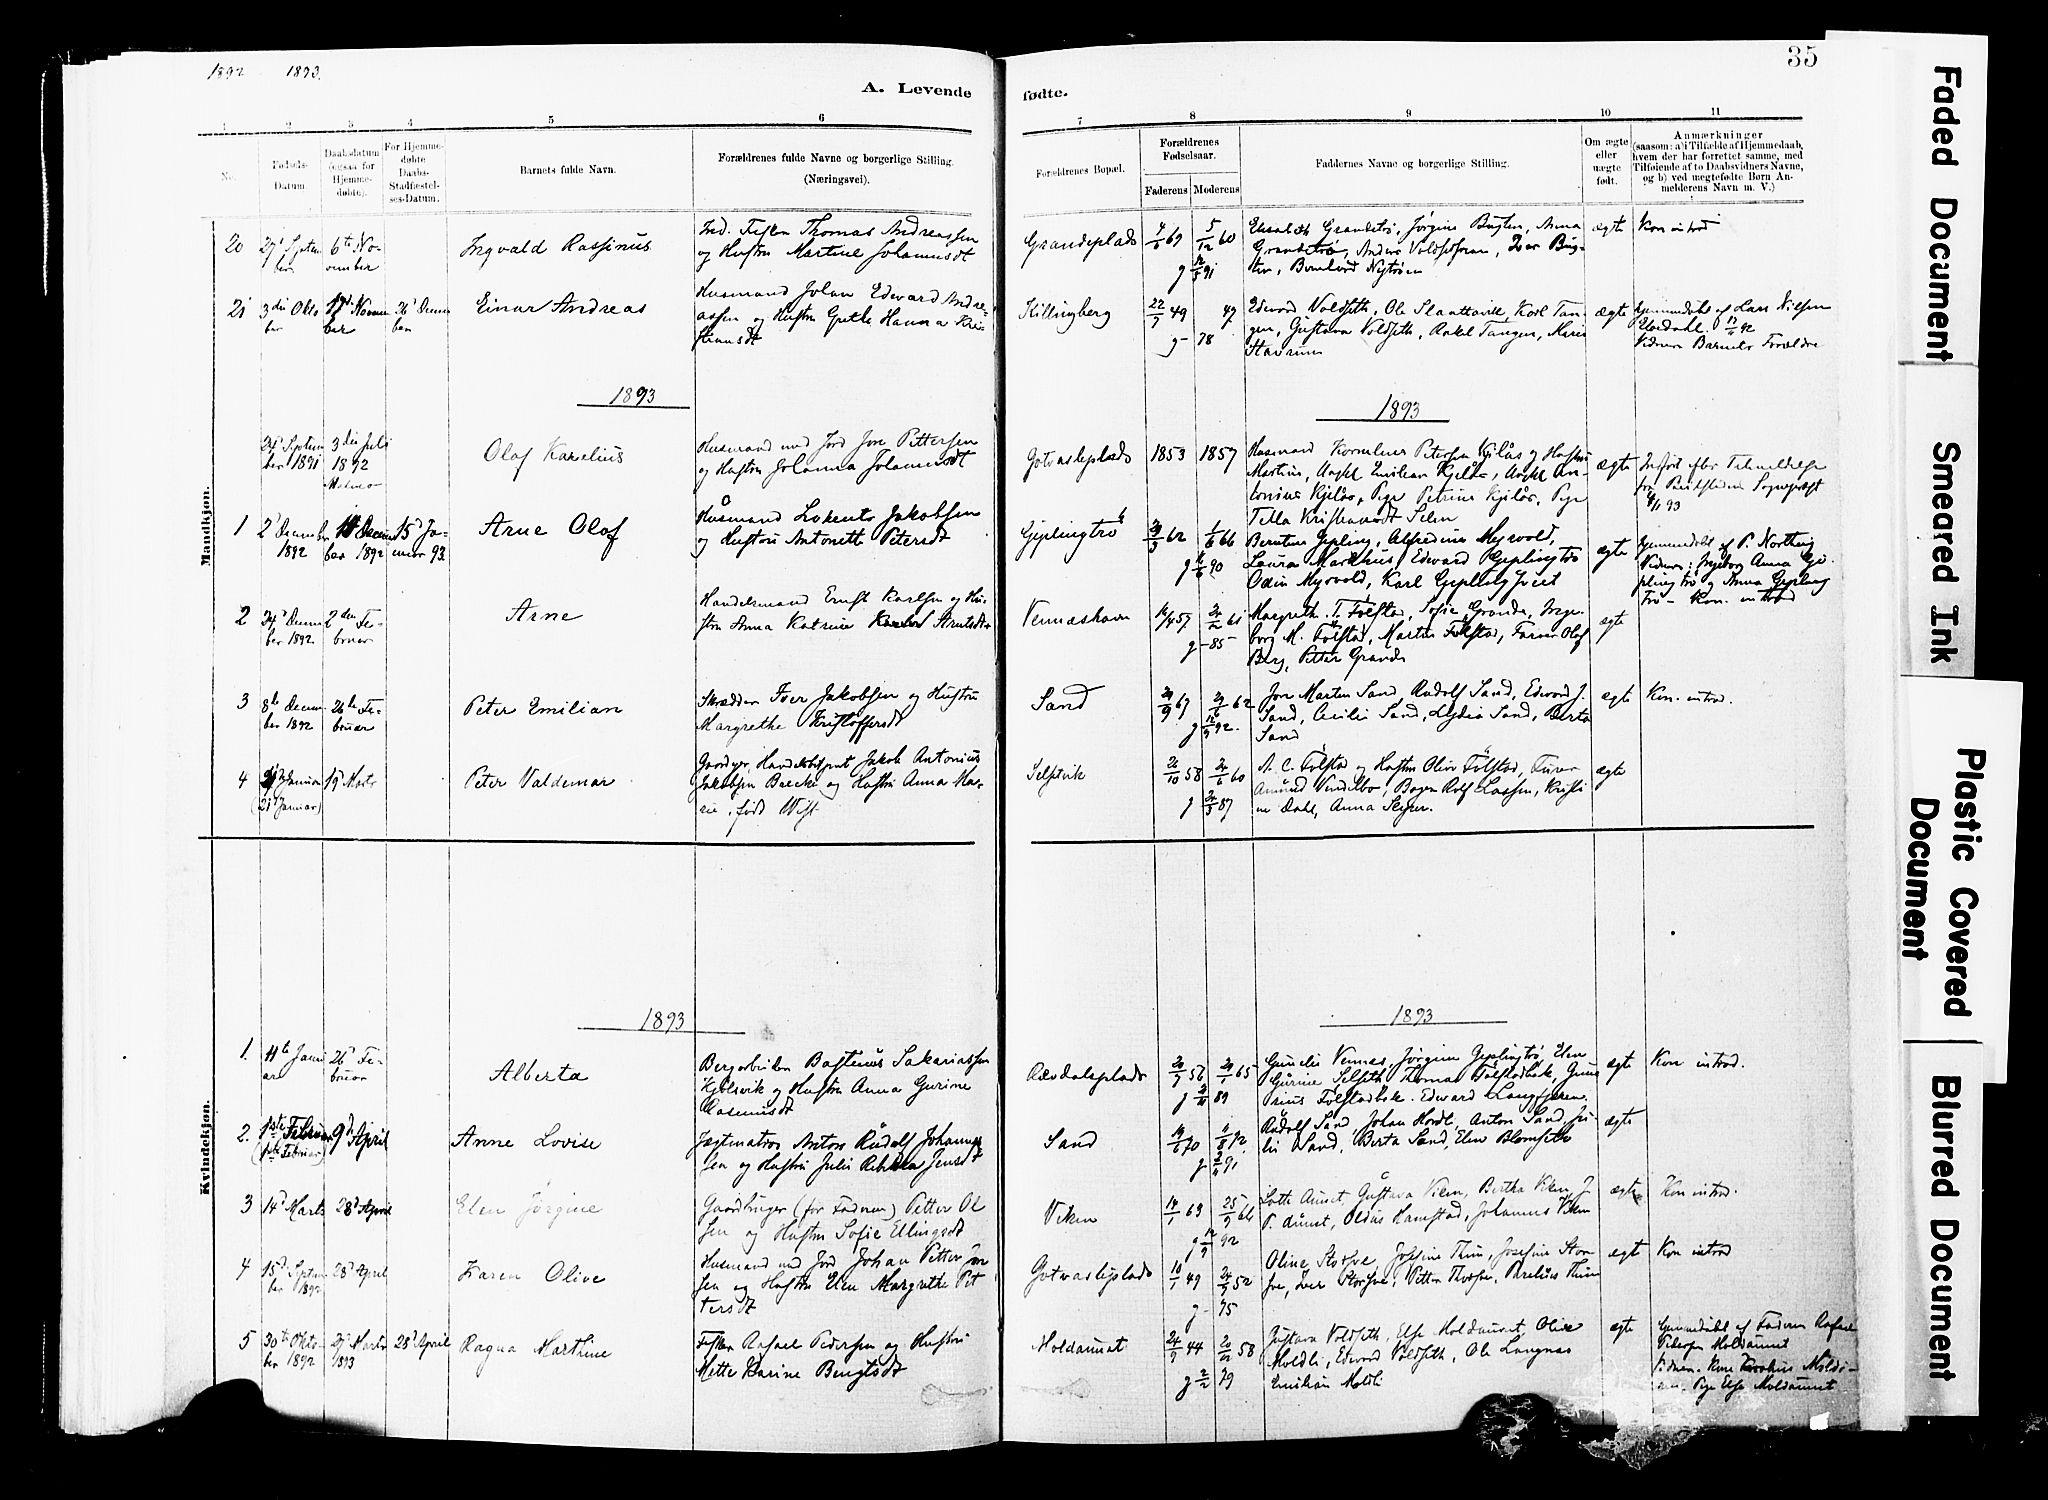 SAT, Ministerialprotokoller, klokkerbøker og fødselsregistre - Nord-Trøndelag, 744/L0420: Ministerialbok nr. 744A04, 1882-1904, s. 35